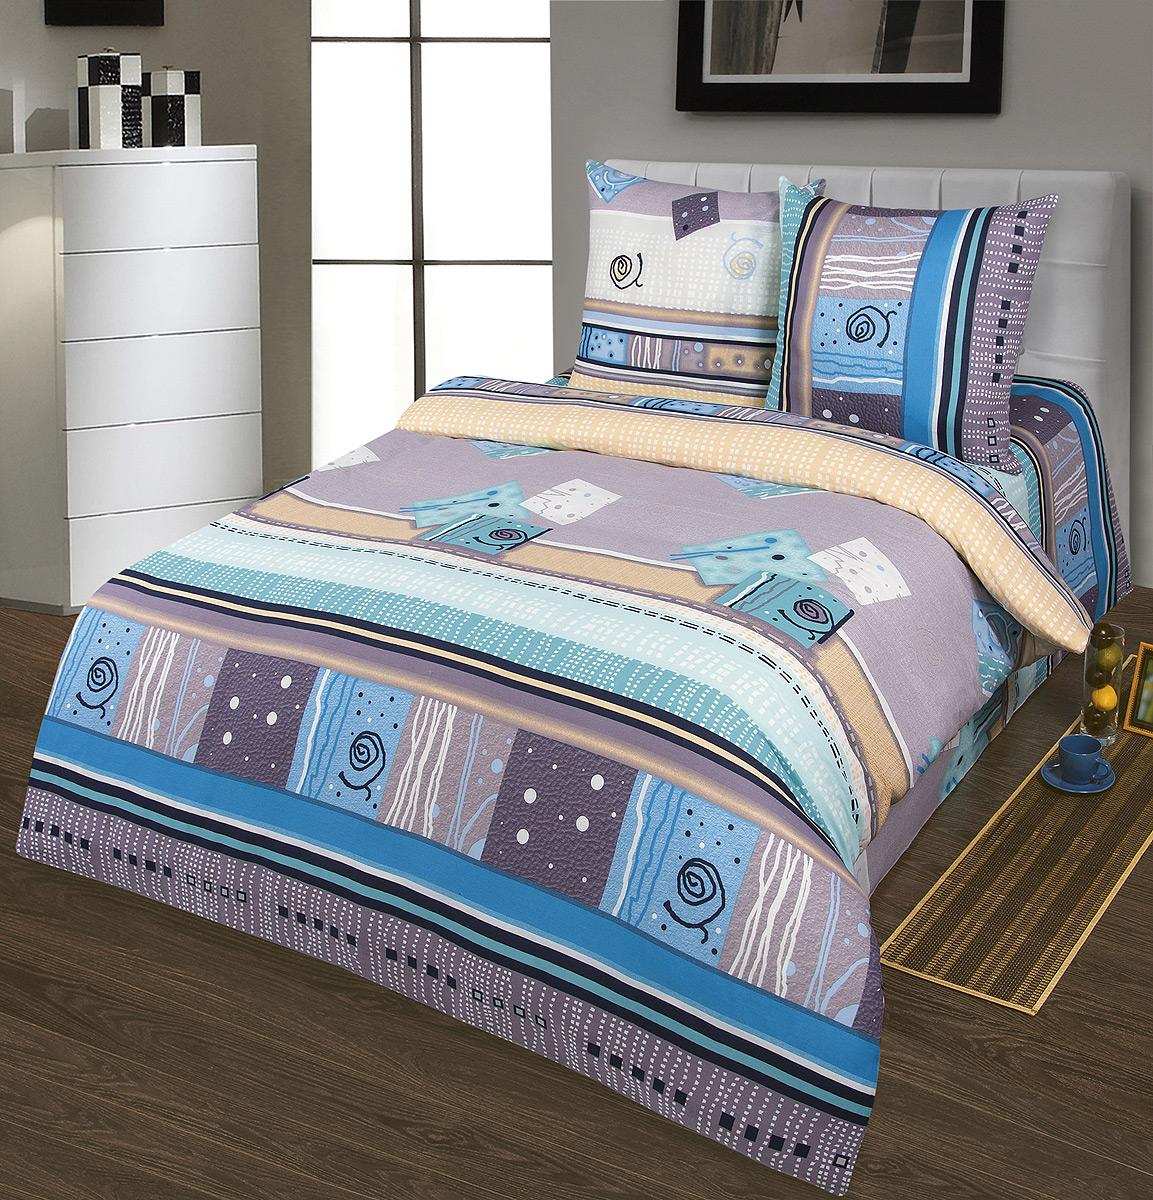 Комплект белья Шоколад Мираж, семейный, наволочки 70x70. Б120Б120Комплект постельного белья Шоколад Мираж является экологически безопасным для всей семьи, так как выполнен из натурального хлопка. Комплект состоит из двух пододеяльников, простыни и двух наволочек. Постельное белье оформлено оригинальным рисунком и имеет изысканный внешний вид. Бязь - это ткань полотняного переплетения, изготовленная из экологически чистого и натурального 100% хлопка. Она прочная, мягкая, обладает низкой сминаемостью, легко стирается и хорошо гладится. Бязь прекрасно пропускает воздух и за ней легко ухаживать. При соблюдении рекомендуемых условий стирки, сушки и глажения ткань имеет усадку по ГОСТу, сохранятся яркость текстильных рисунков. Приобретая комплект постельного белья Шоколад Мираж, вы можете быть уверены в том, что покупка доставит вам и вашим близким удовольствие и подарит максимальный комфорт.